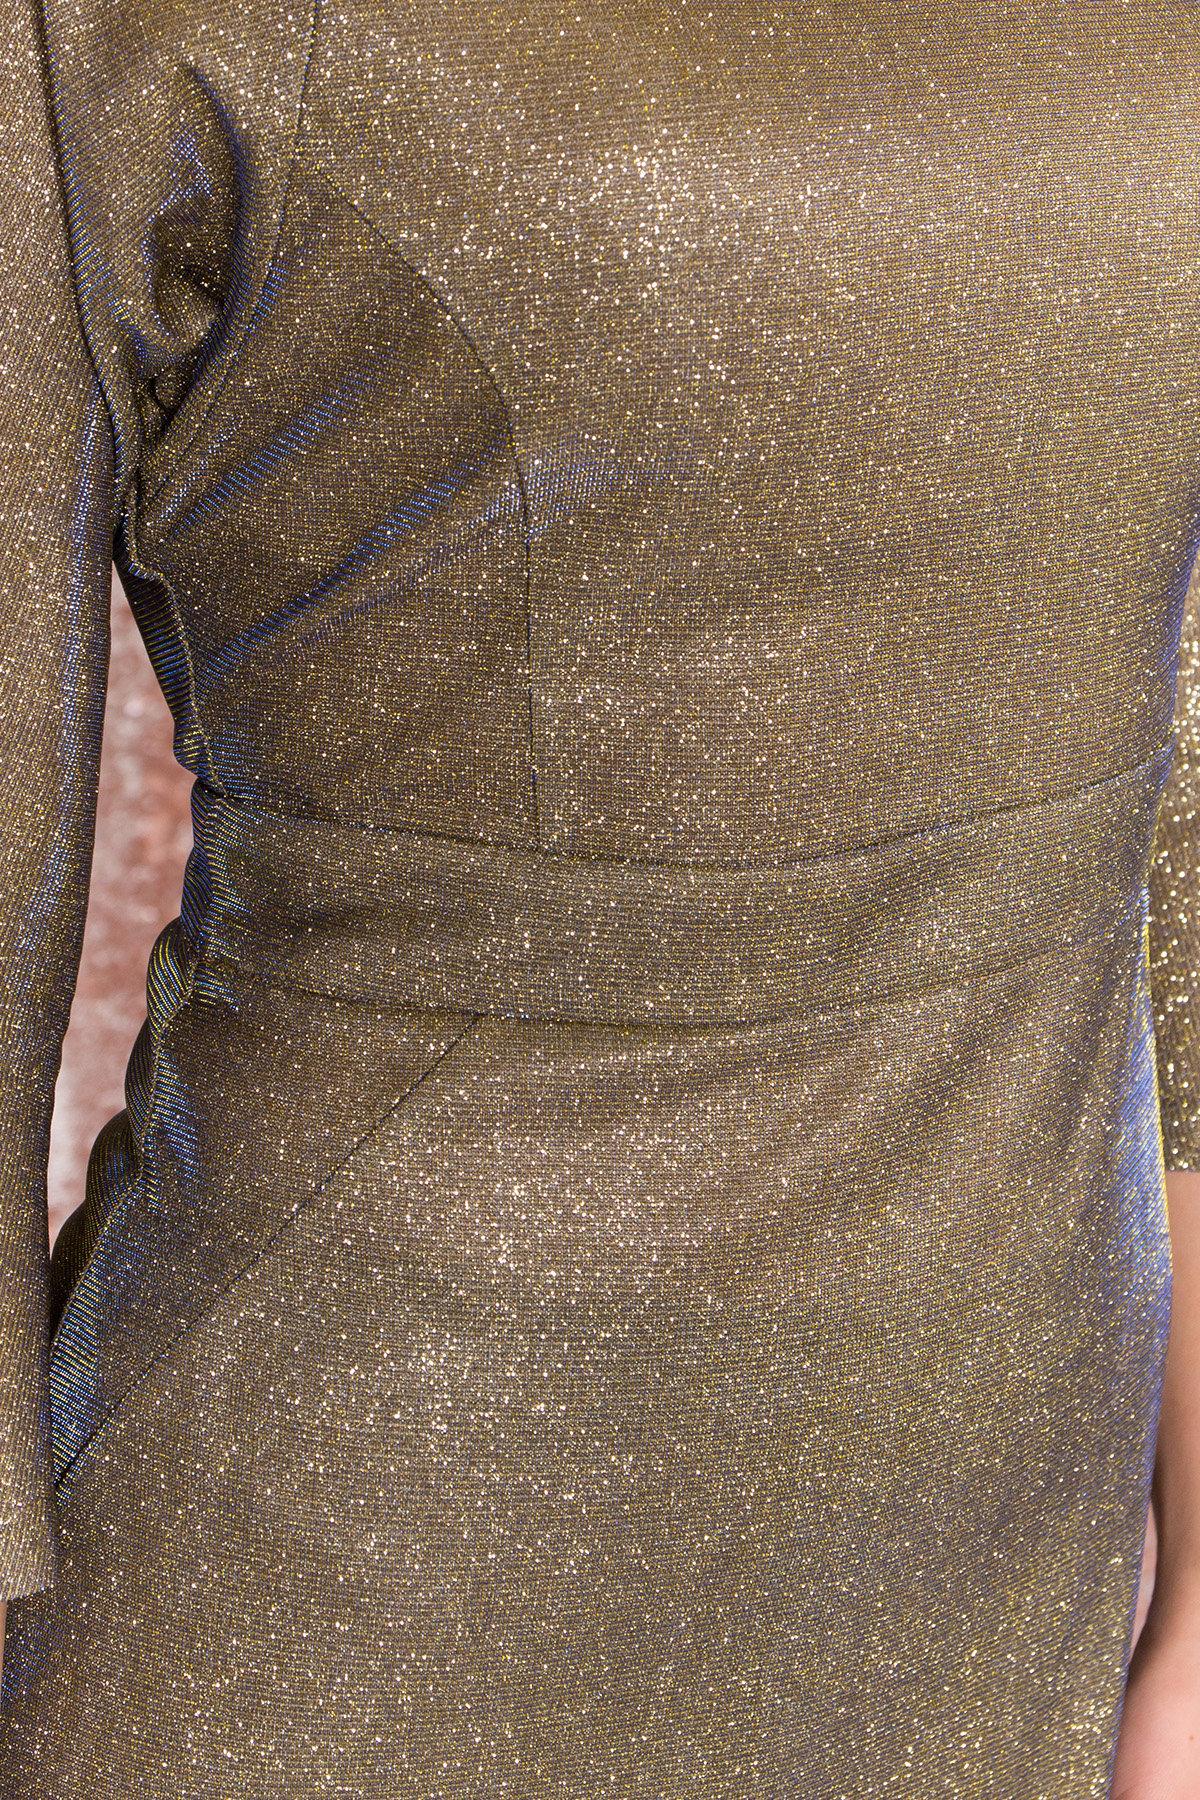 Платье-хамелеон из трикотажа с люрексом Инглот 8428 АРТ. 45009 Цвет: Золото/электрик - фото 4, интернет магазин tm-modus.ru